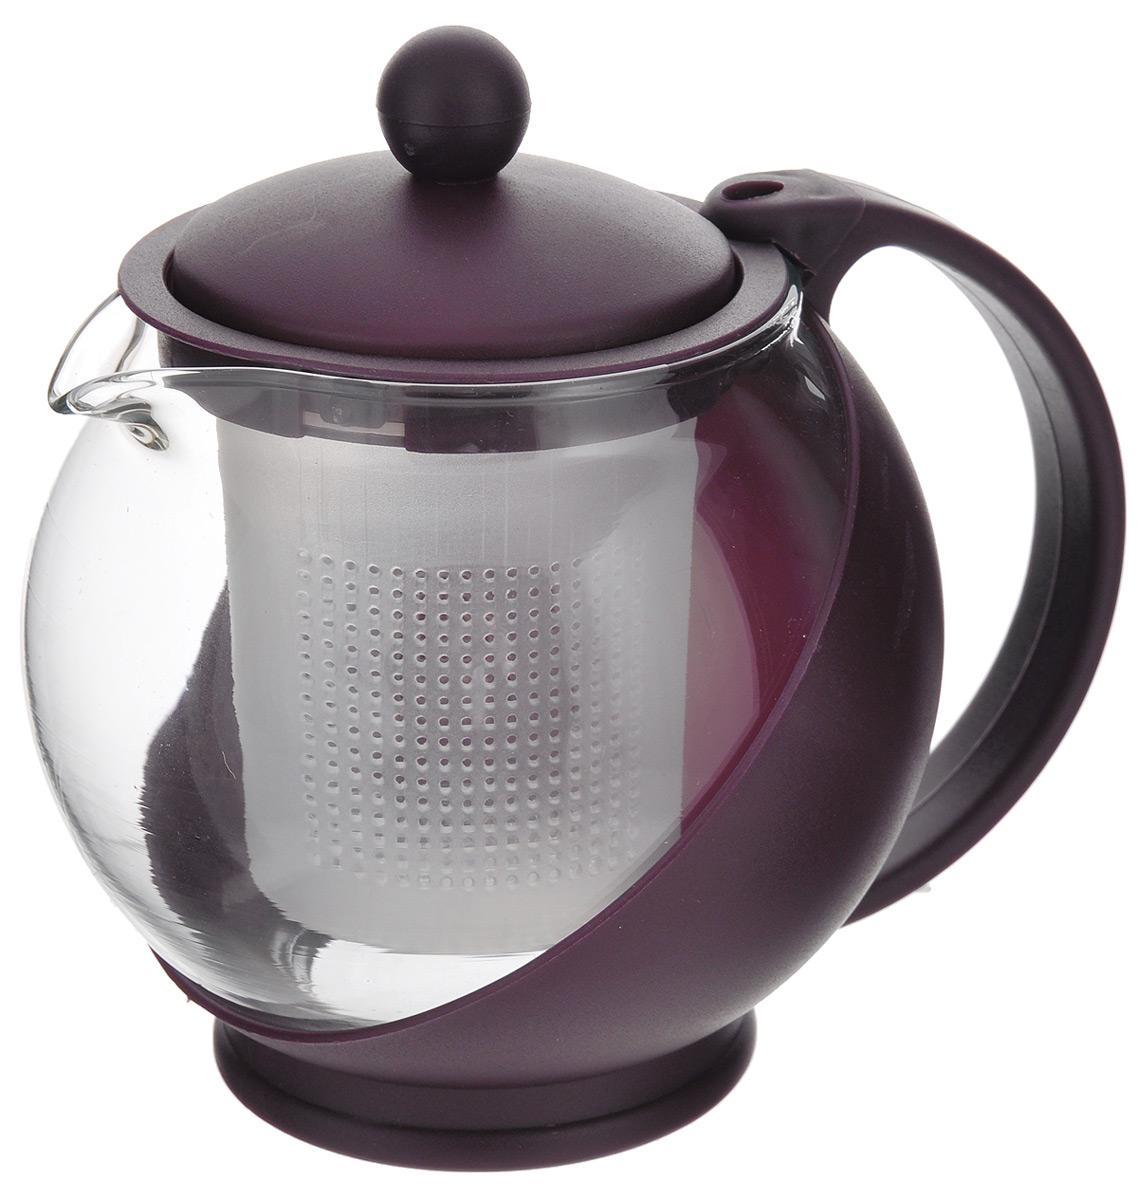 """Заварочный чайник """"Miolla"""" изготовлен из  жаропрочного  стекла и термостойкого пластика. Чай в таком  чайнике дольше  остается горячим, а полезные и ароматические  вещества полностью сохраняются в напитке. Чайник  оснащен  фильтром и крышкой.  Простой и удобный чайник поможет вам  приготовить крепкий,  ароматный чай. Разборная конструкция  обеспечивает легкий уход.  Можно мыть в посудомоечной машине. Не  использовать в  микроволновой печи.  Диаметр чайника (по верхнему краю): 6,2 см. Высота чайника (без учета крышки): 10 см. Высота фильтра: 7,5 см."""